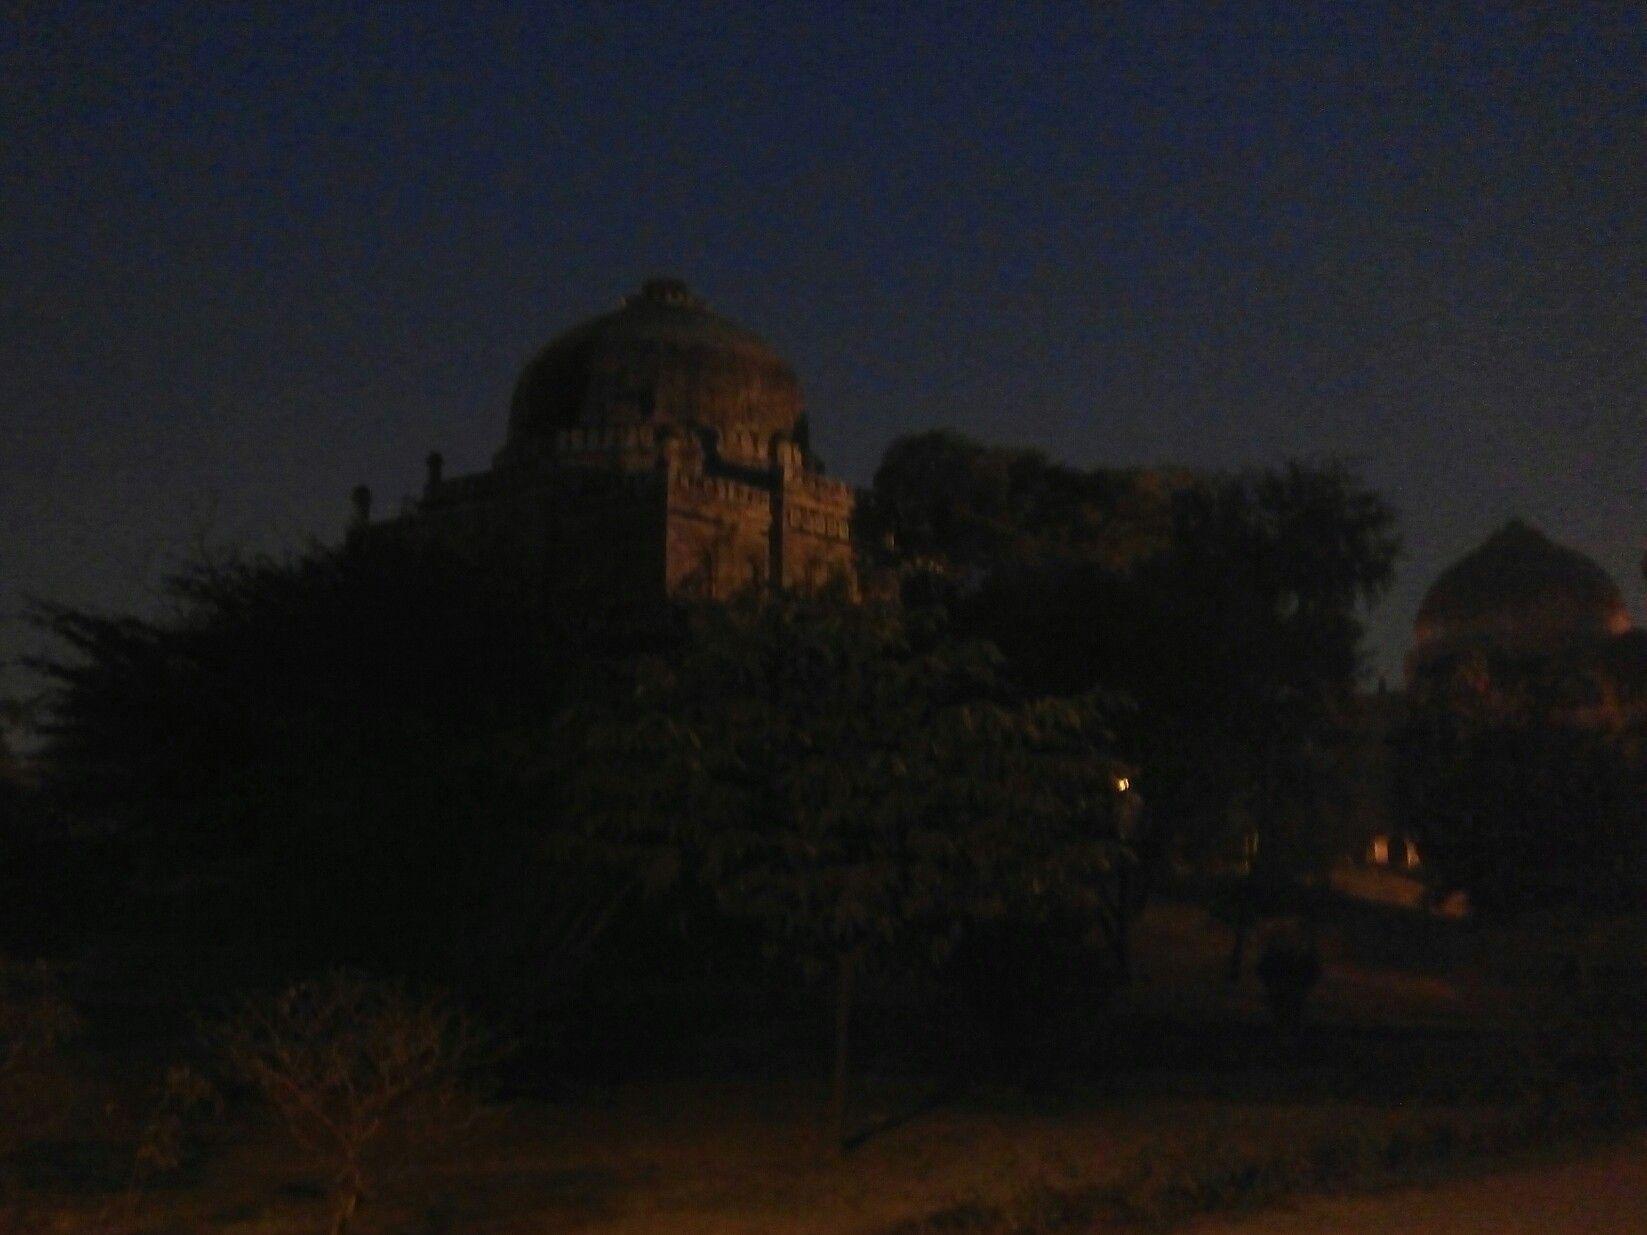 Lodi Gradens, New Delhi